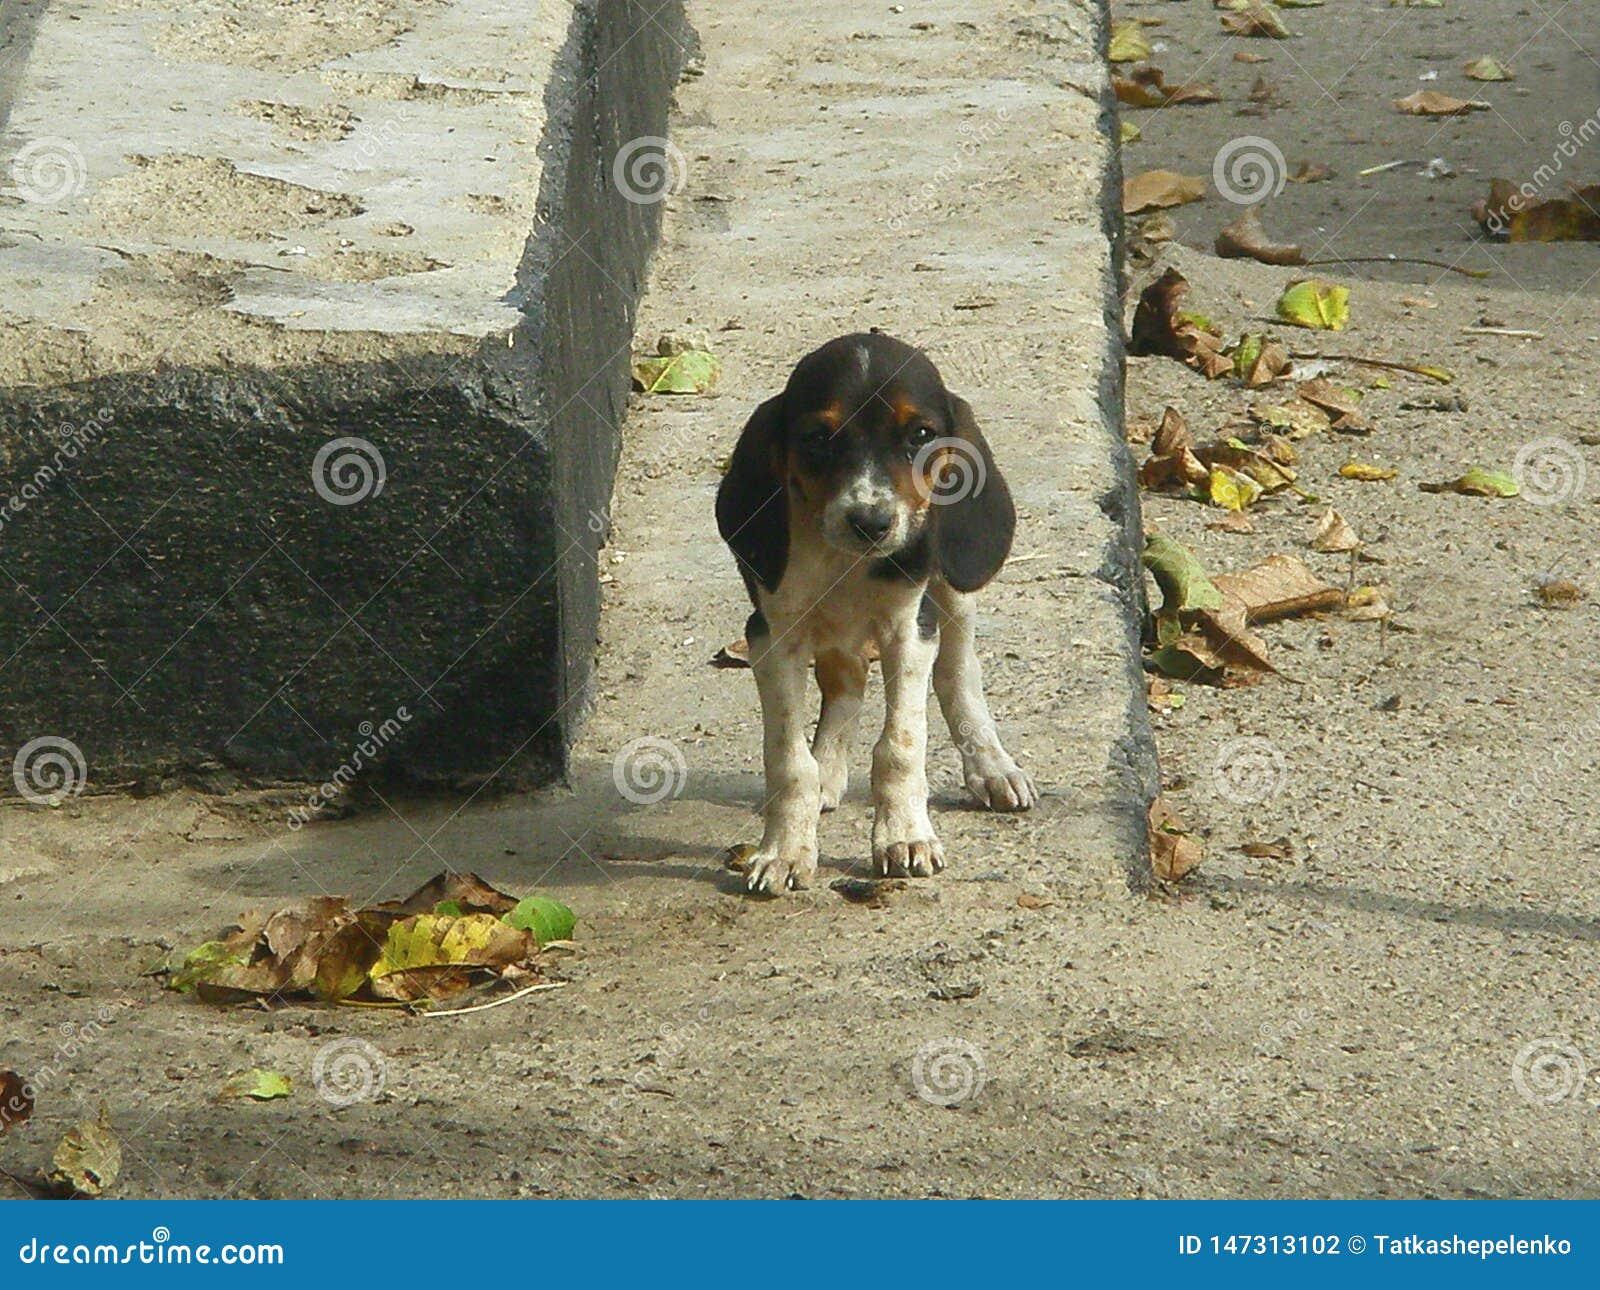 Perro excelente en la caída en los pasos